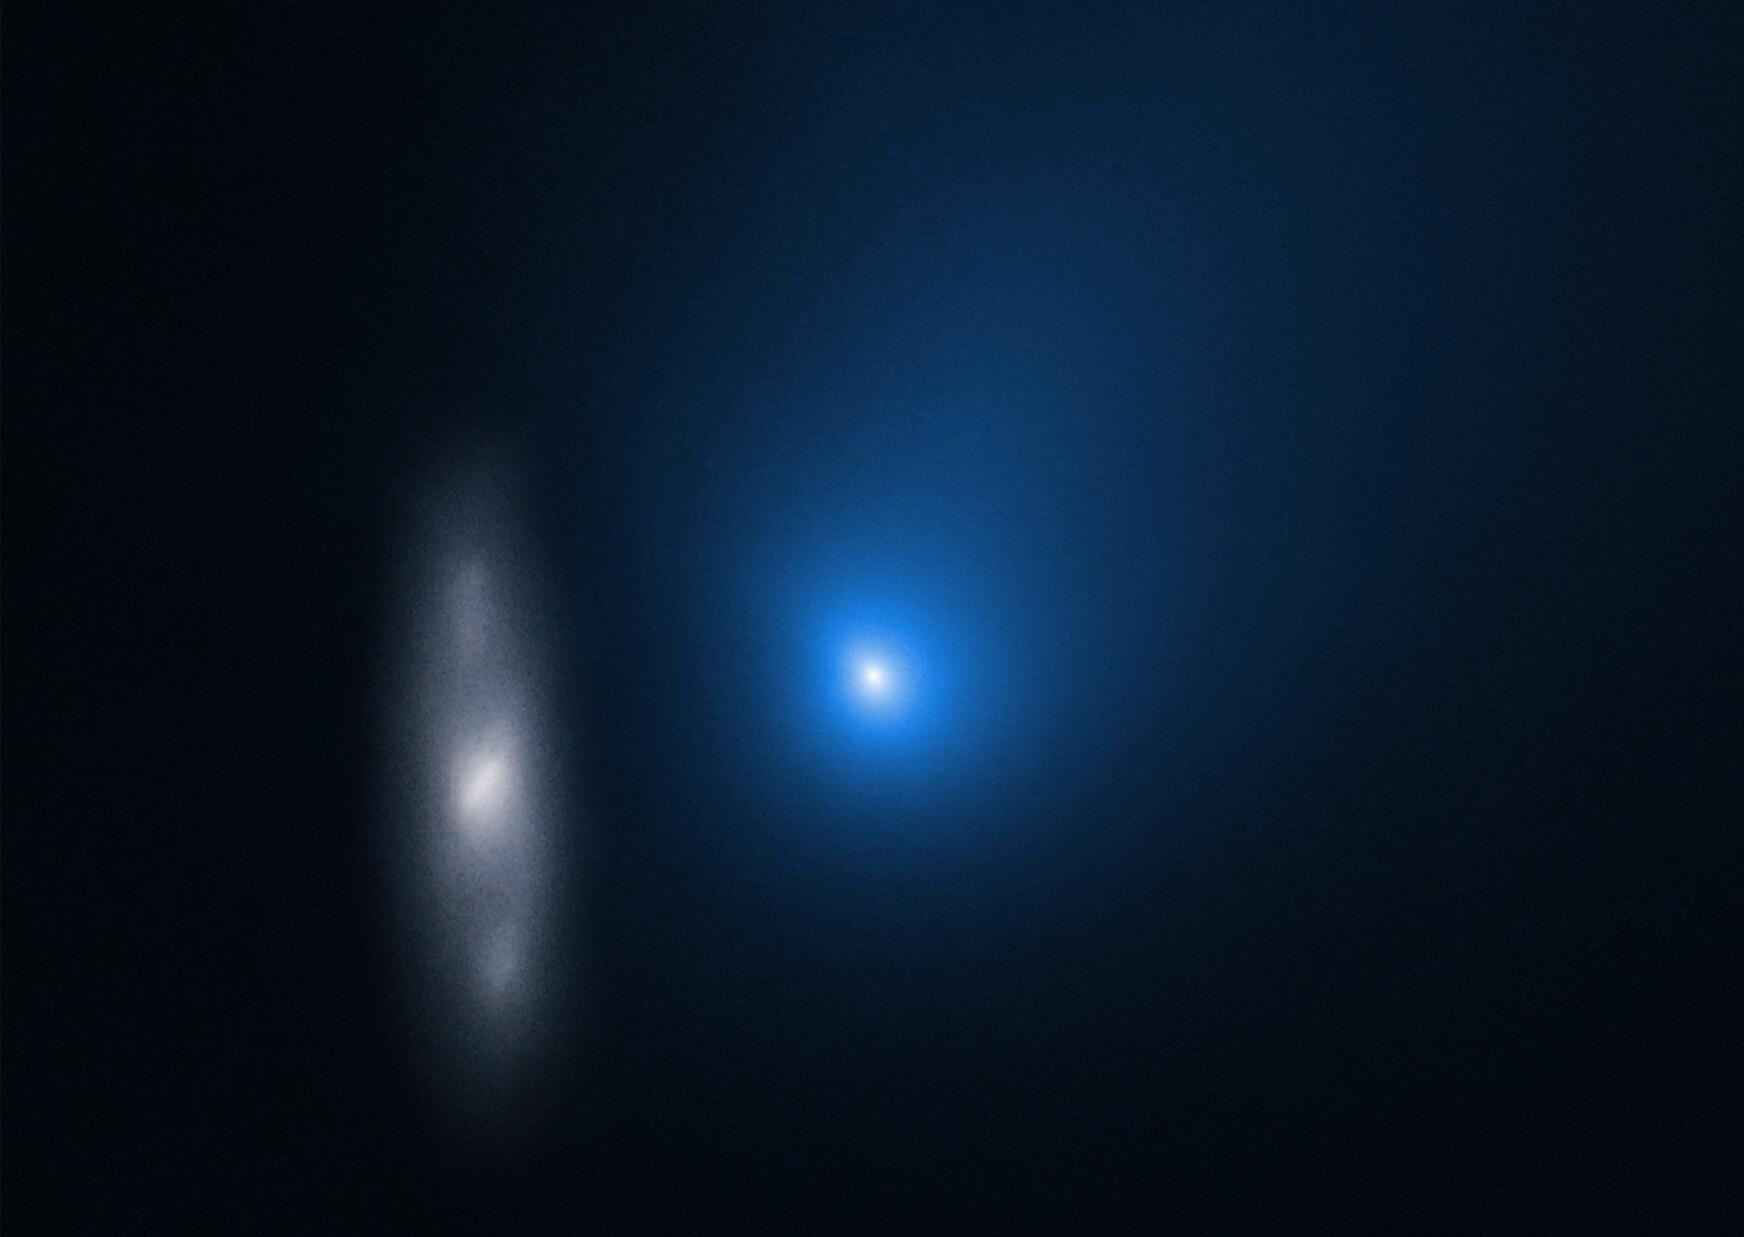 Analyses de données collectées sur la comète interstellaire Borisov